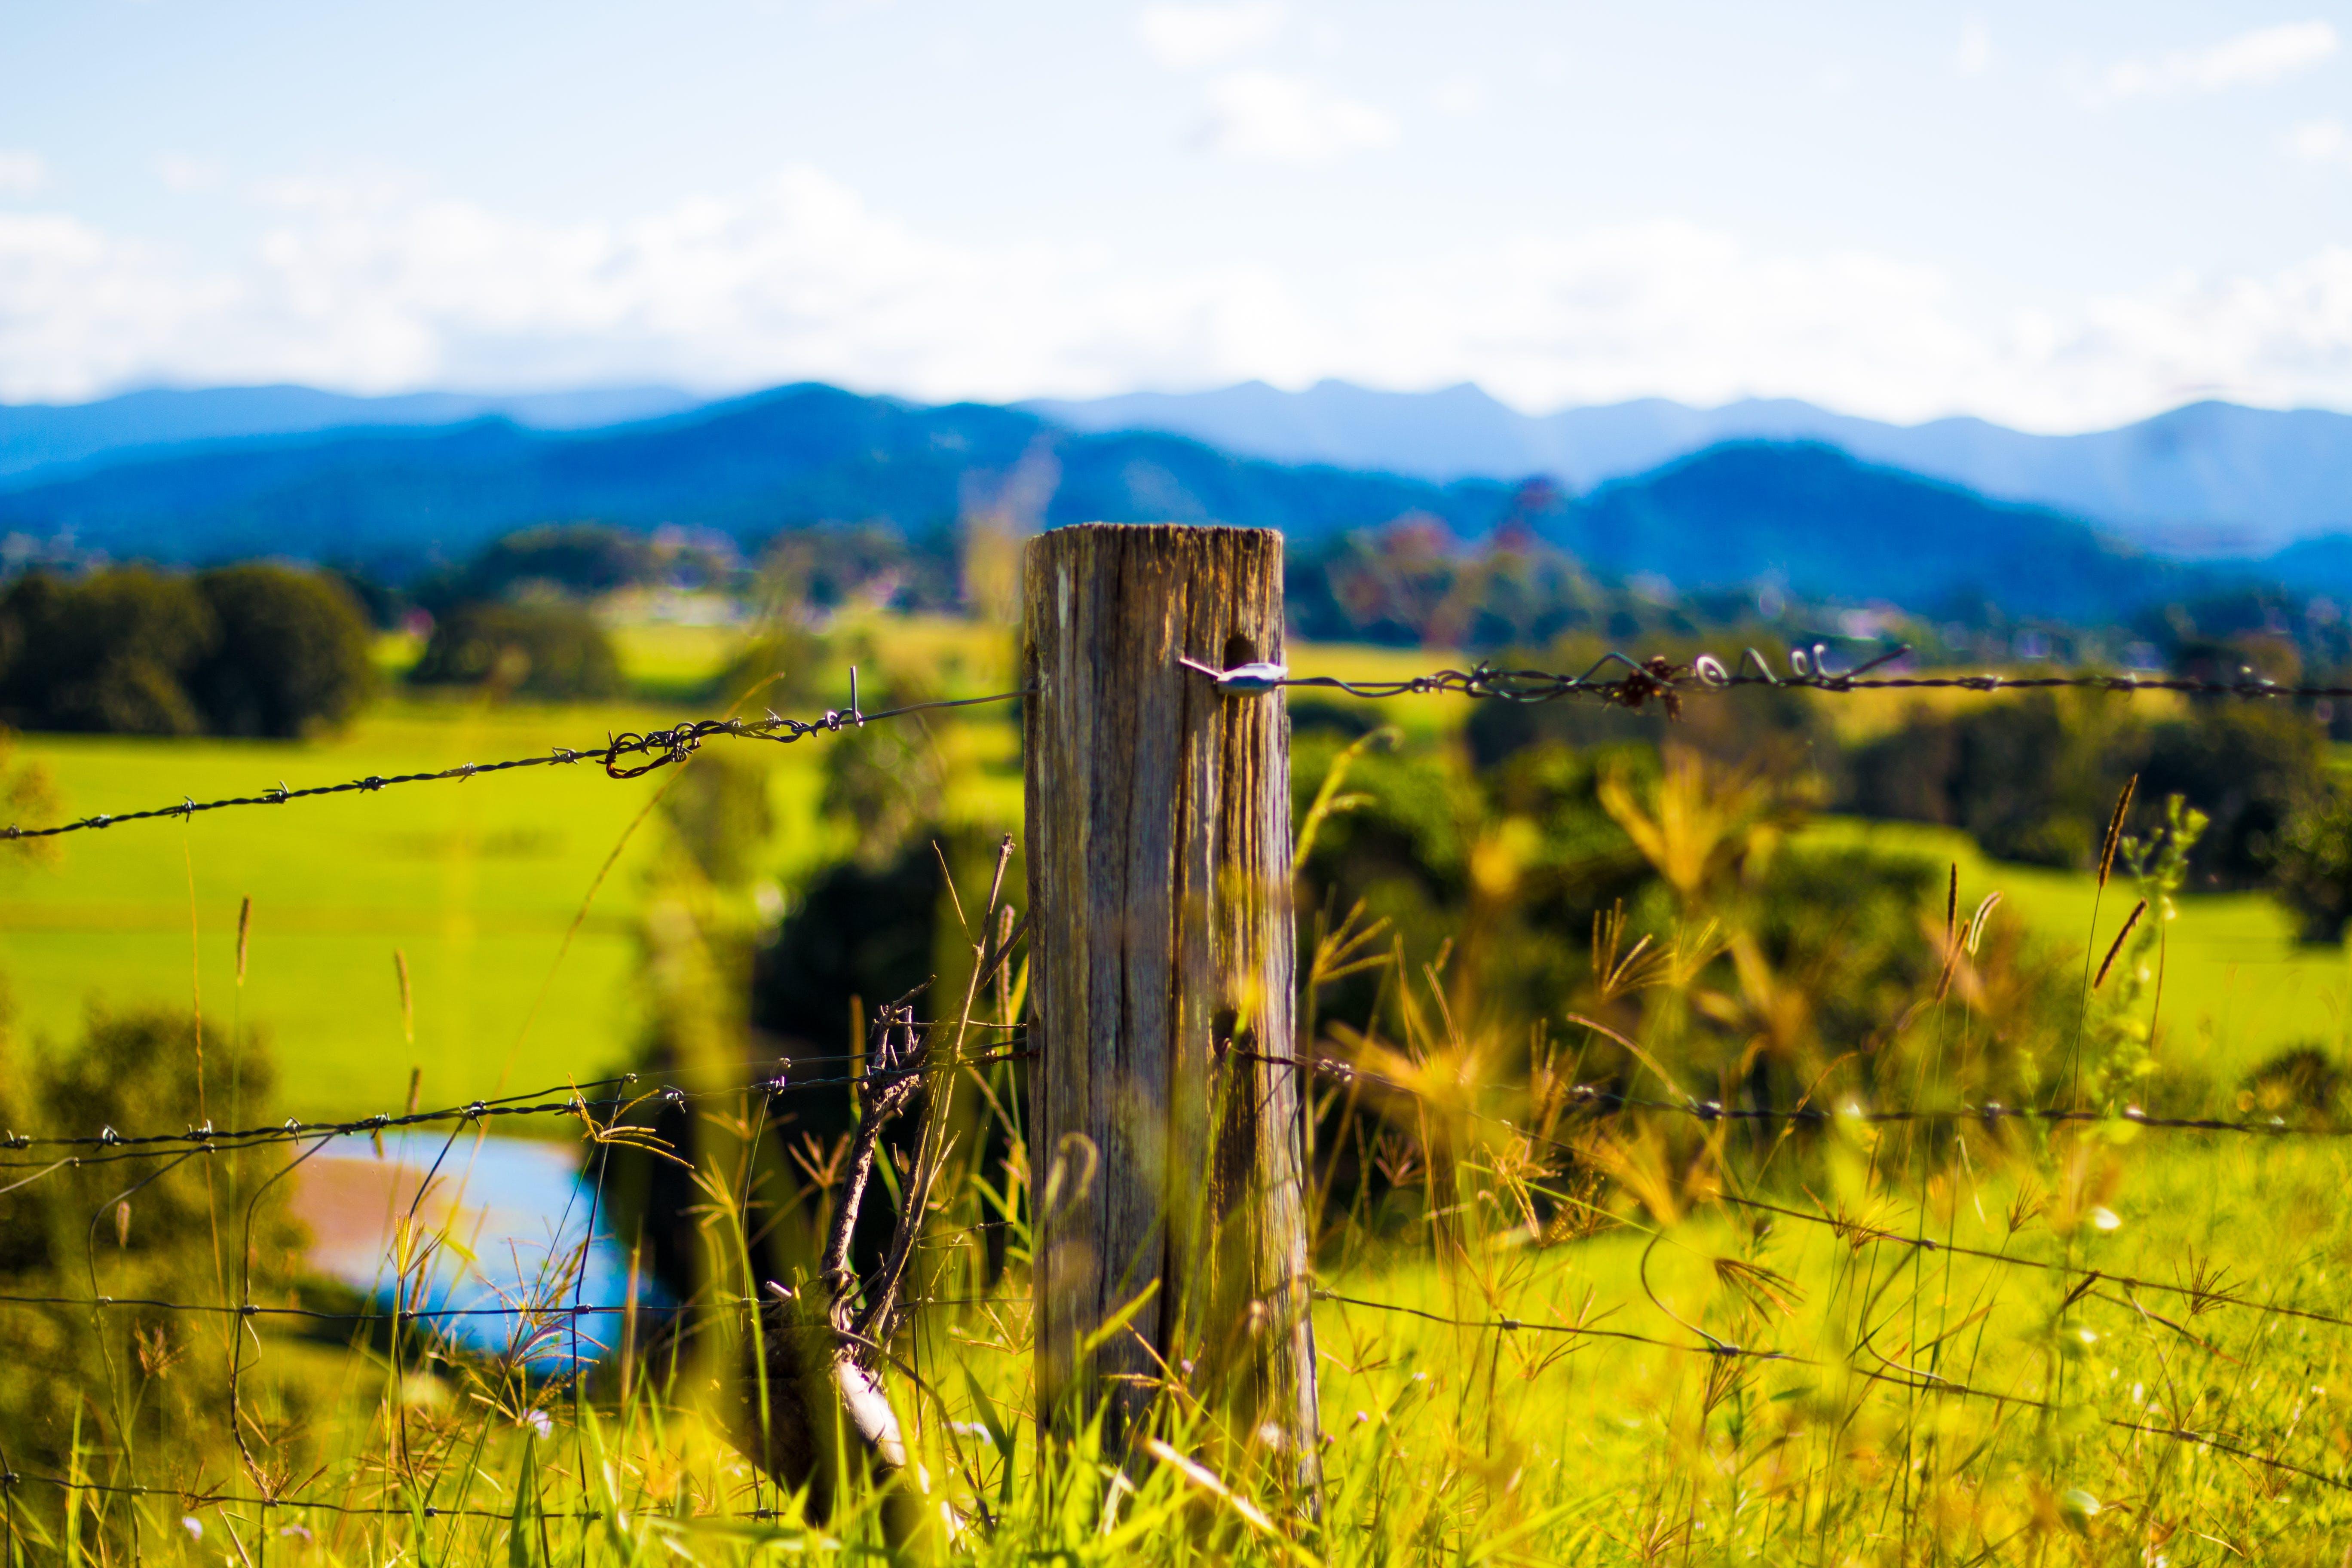 バーブワイヤー, ファーム, フィールド, フェンスの無料の写真素材